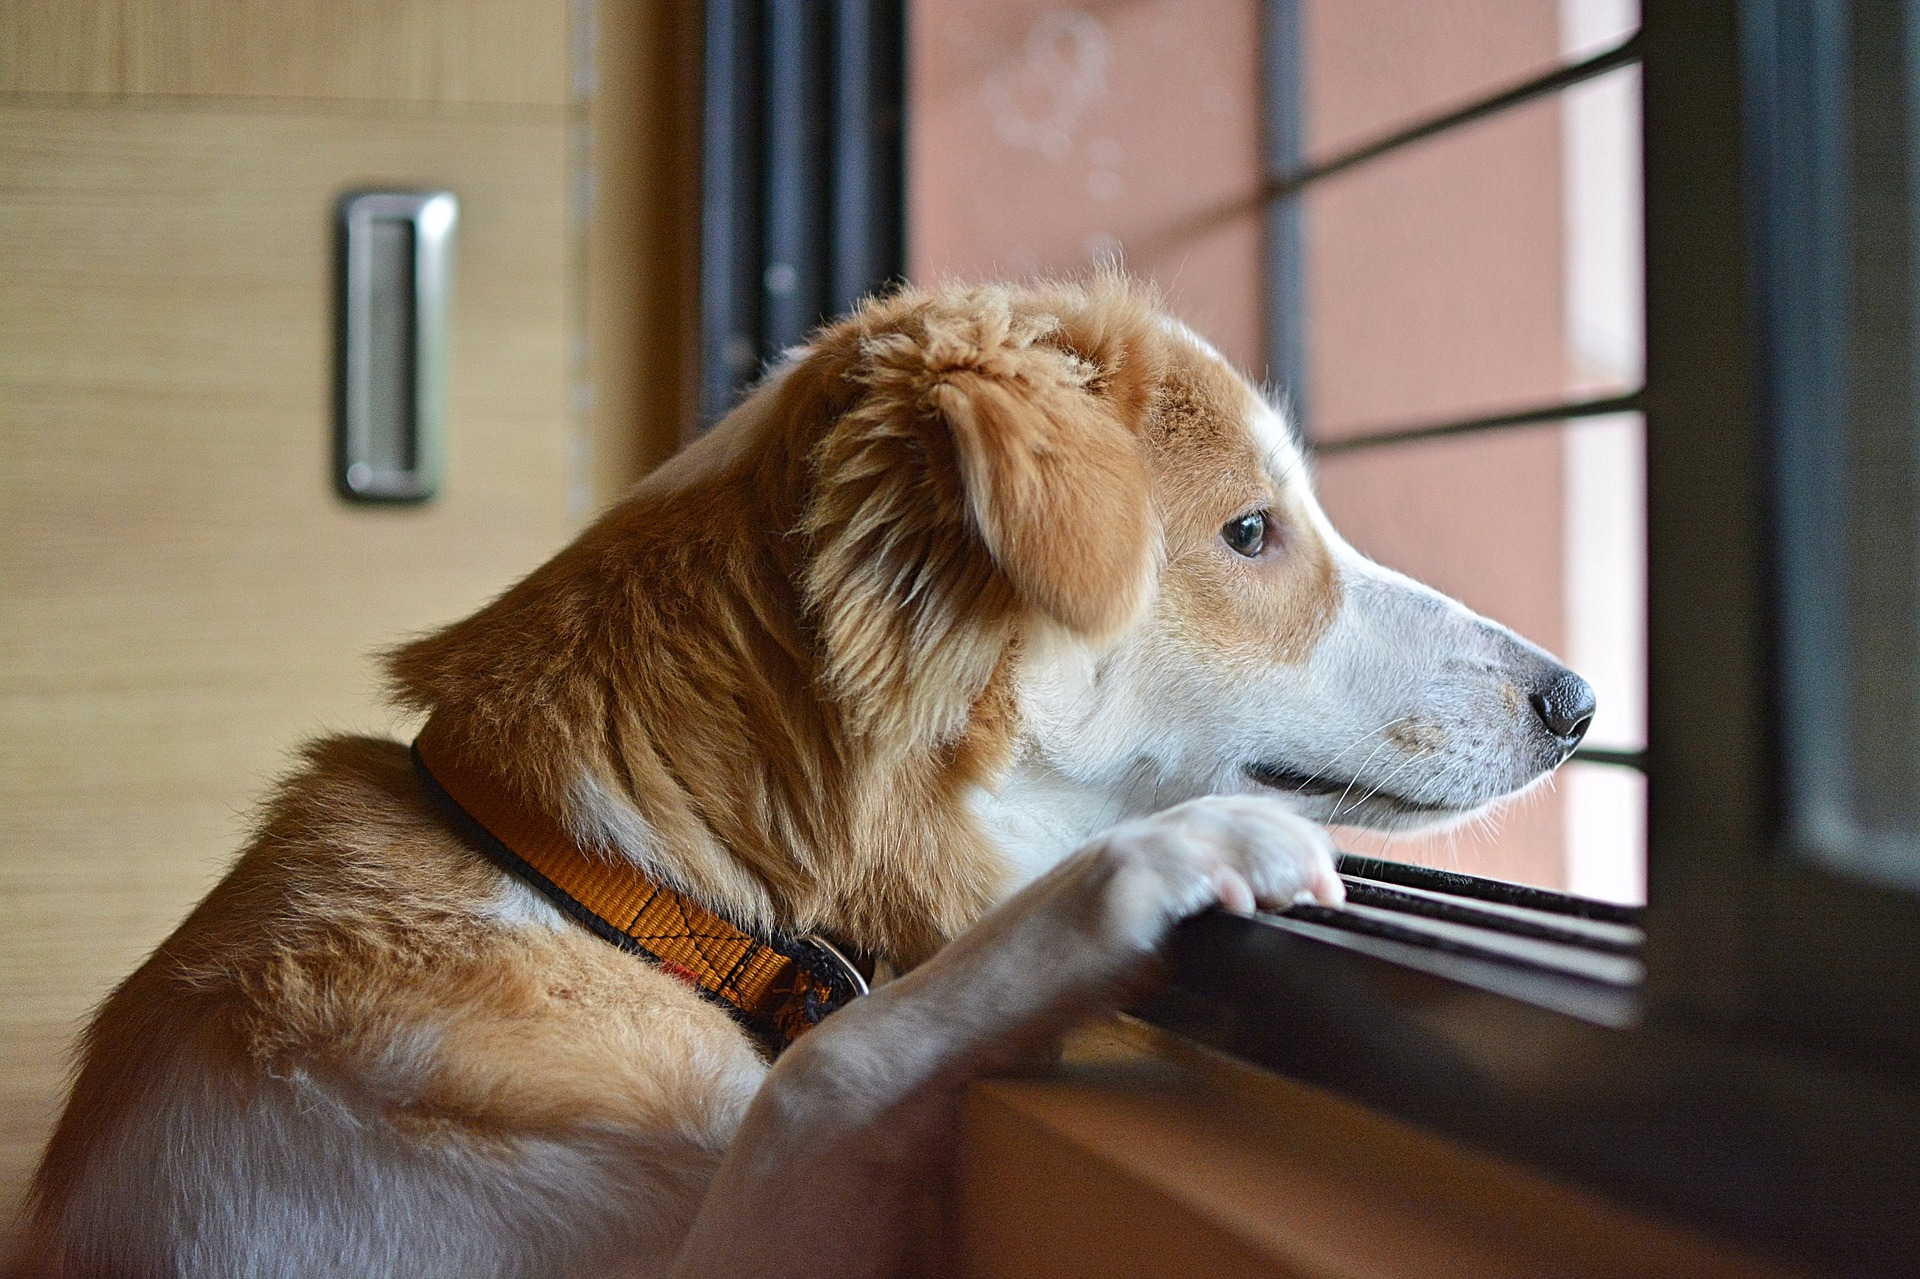 Brak odpowiedniej socjalizacji jest jedną z głównych przyczyn powstawania lęku separacyjnego u psów. Jest on na tyle szkodliwy, że nie pozwala na pełne zdrowie psychiczne i fizyczne psów.